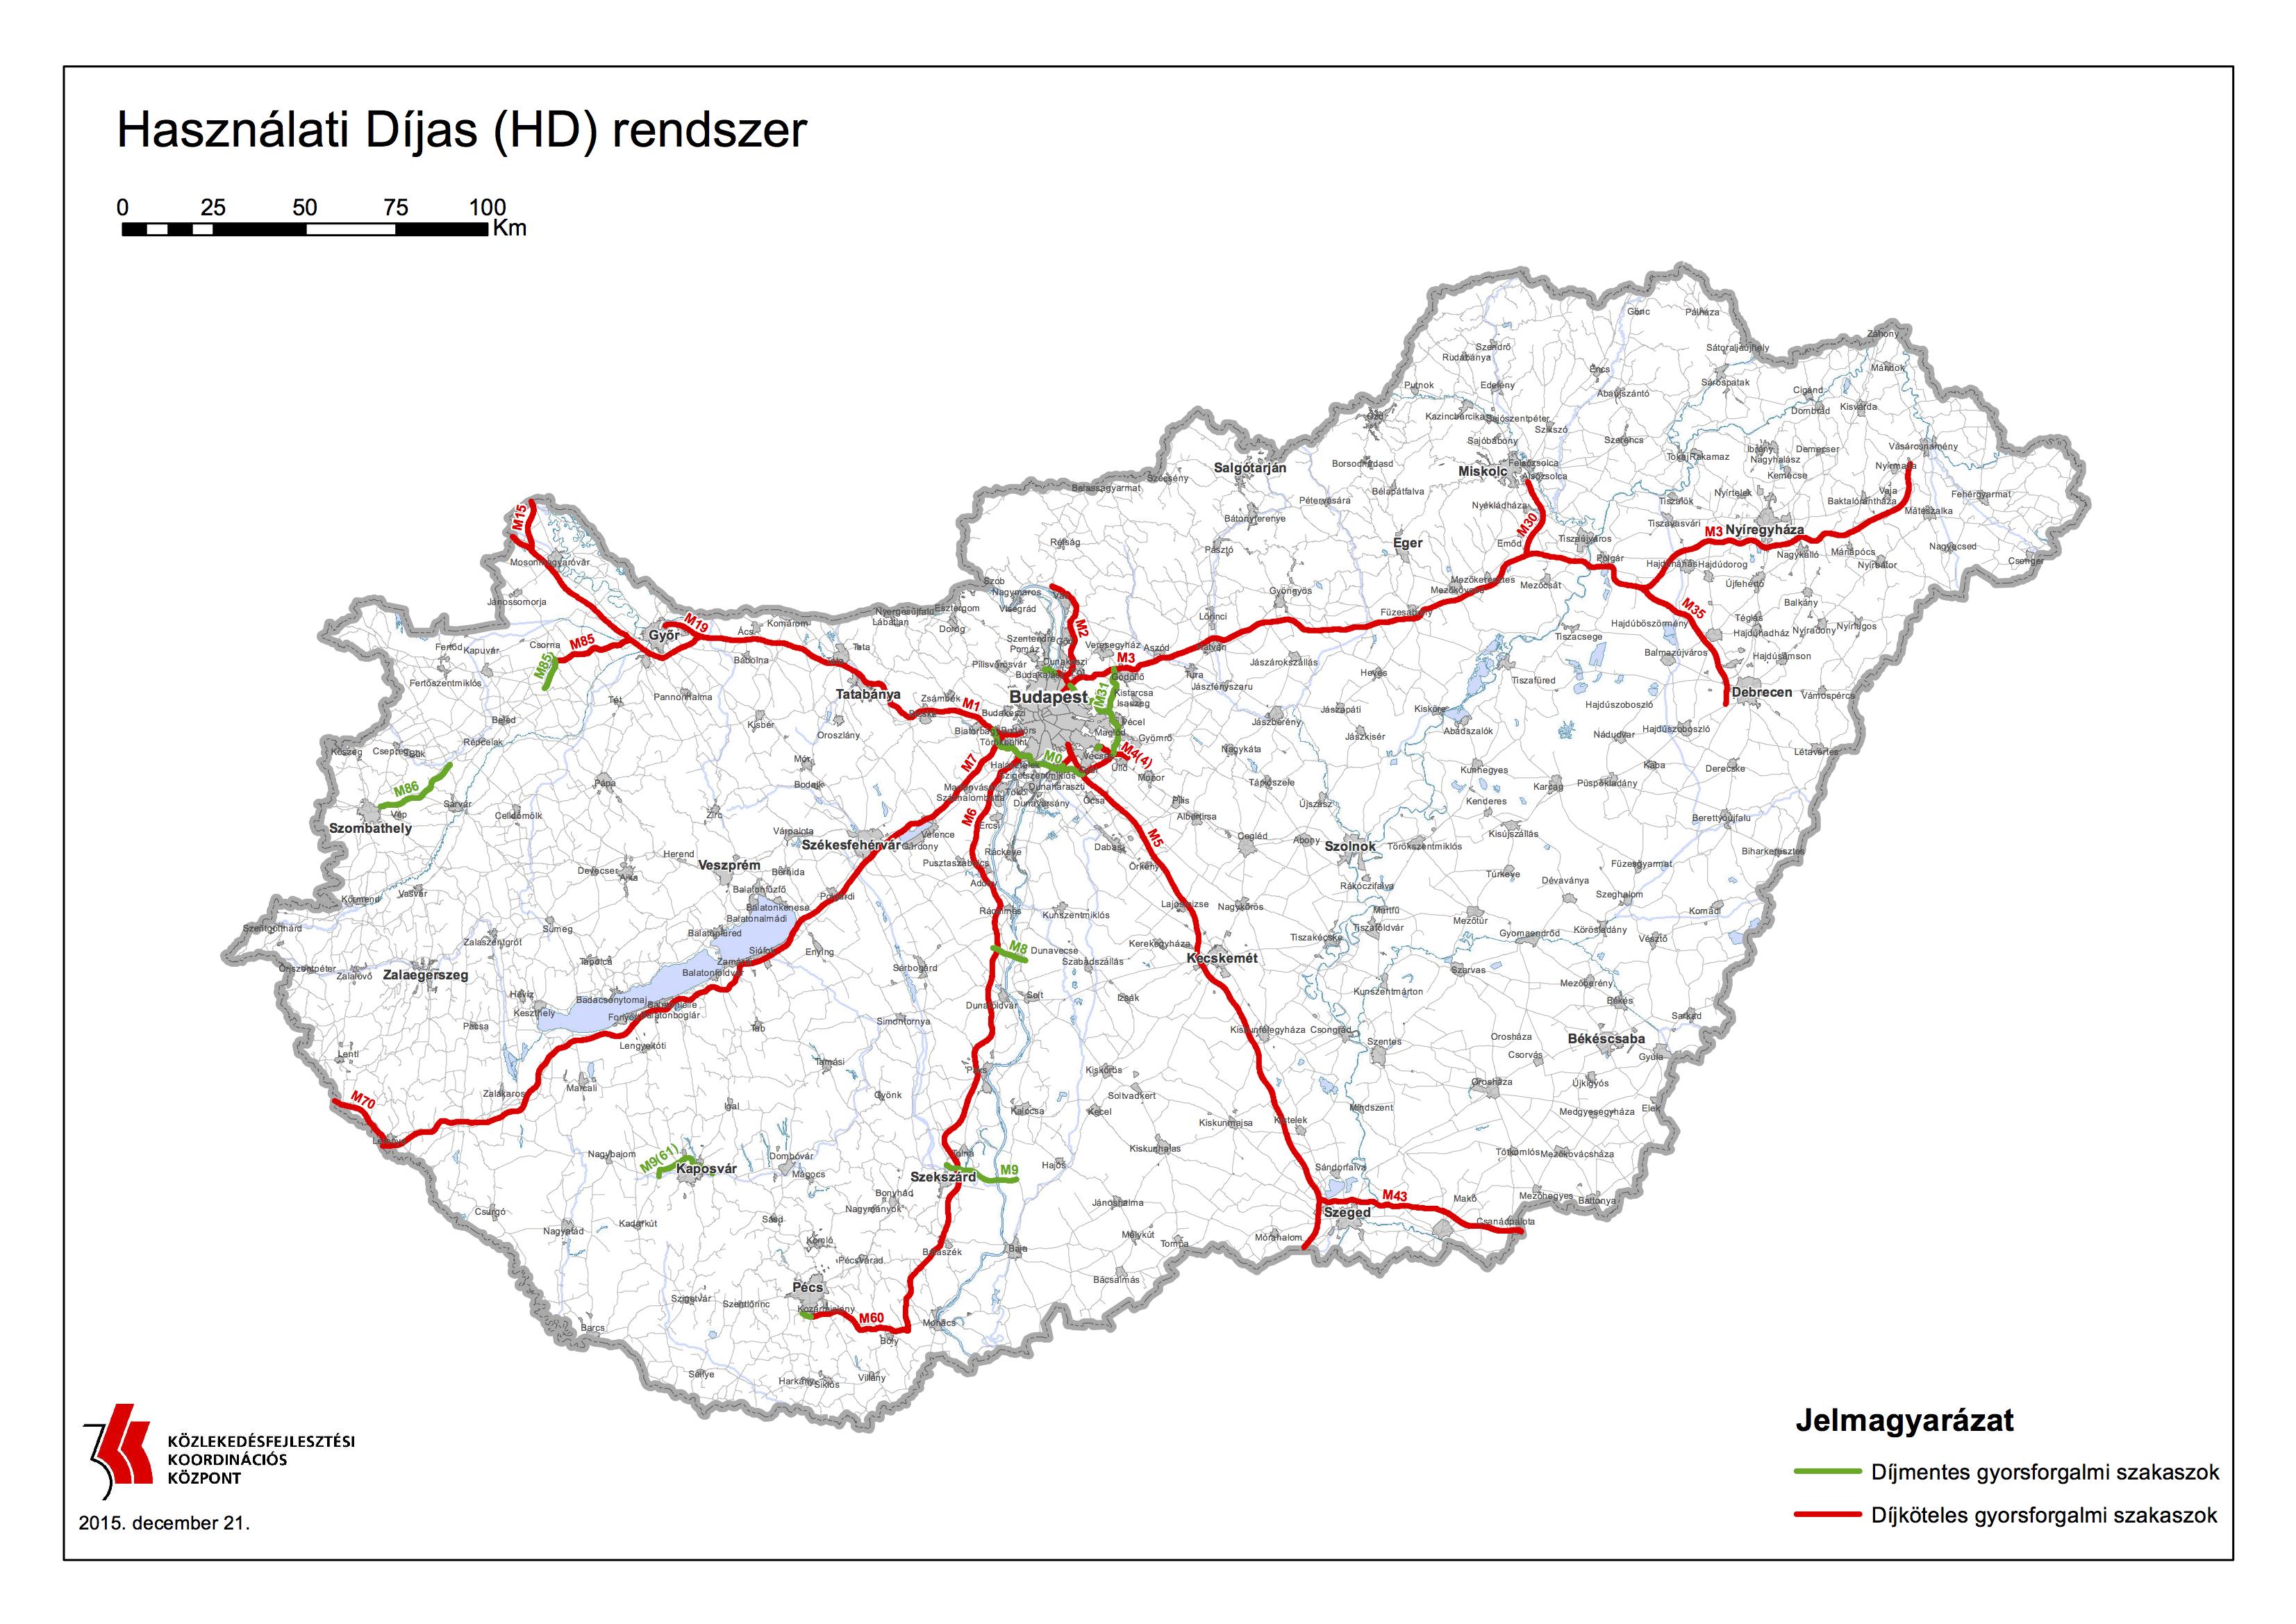 útdíj térkép magyarország Autó és Stílus Online   Újabb gyorsforgalmi utak váltak fizetőssé  útdíj térkép magyarország